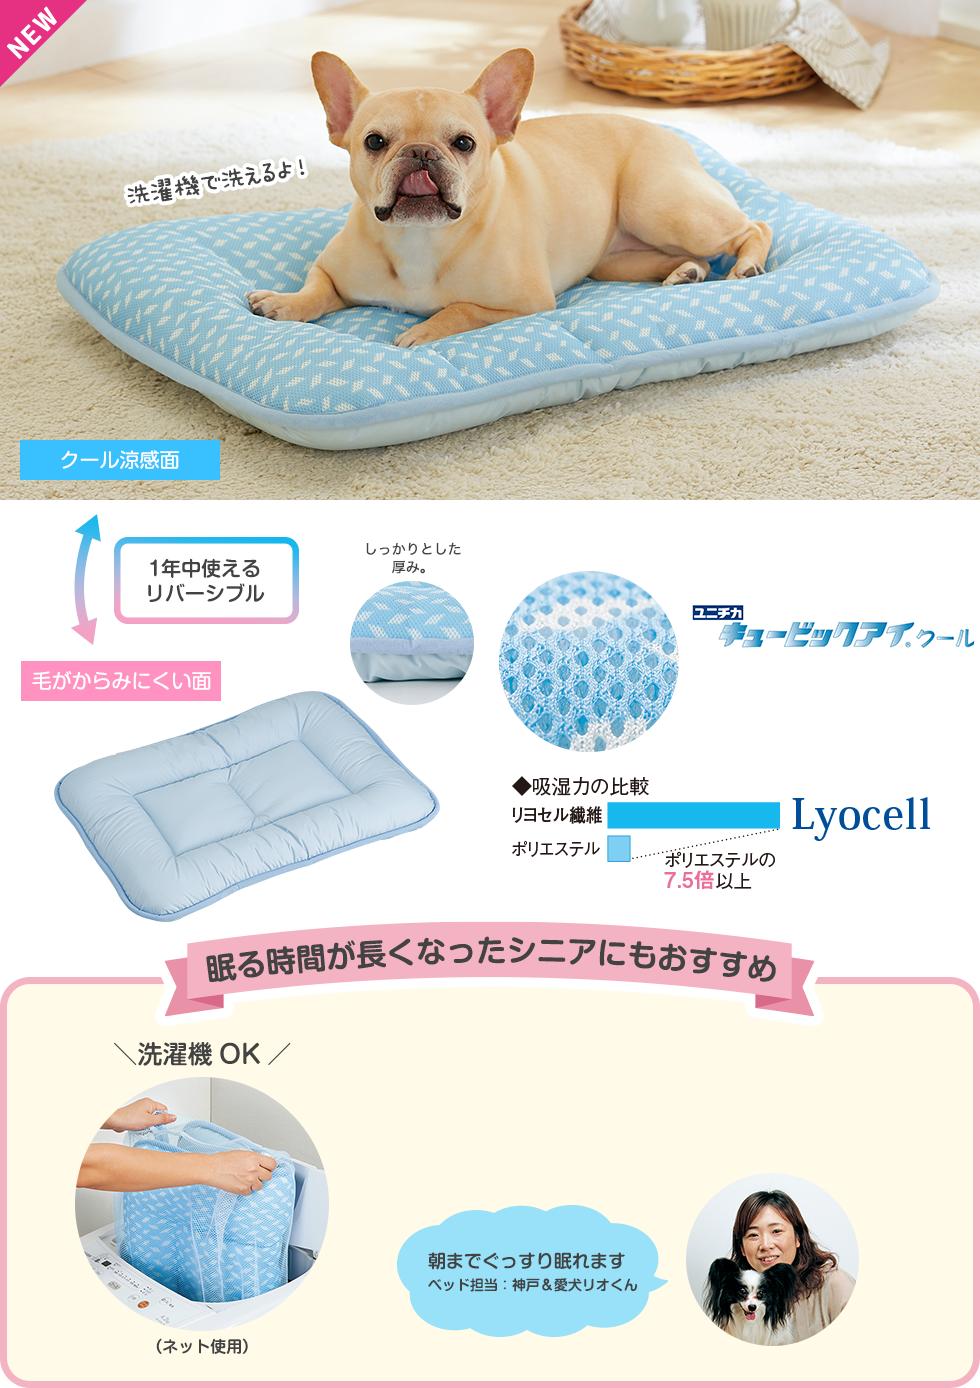 抜群のムレにくさ。一晩中サラサラの日本製ベッド。